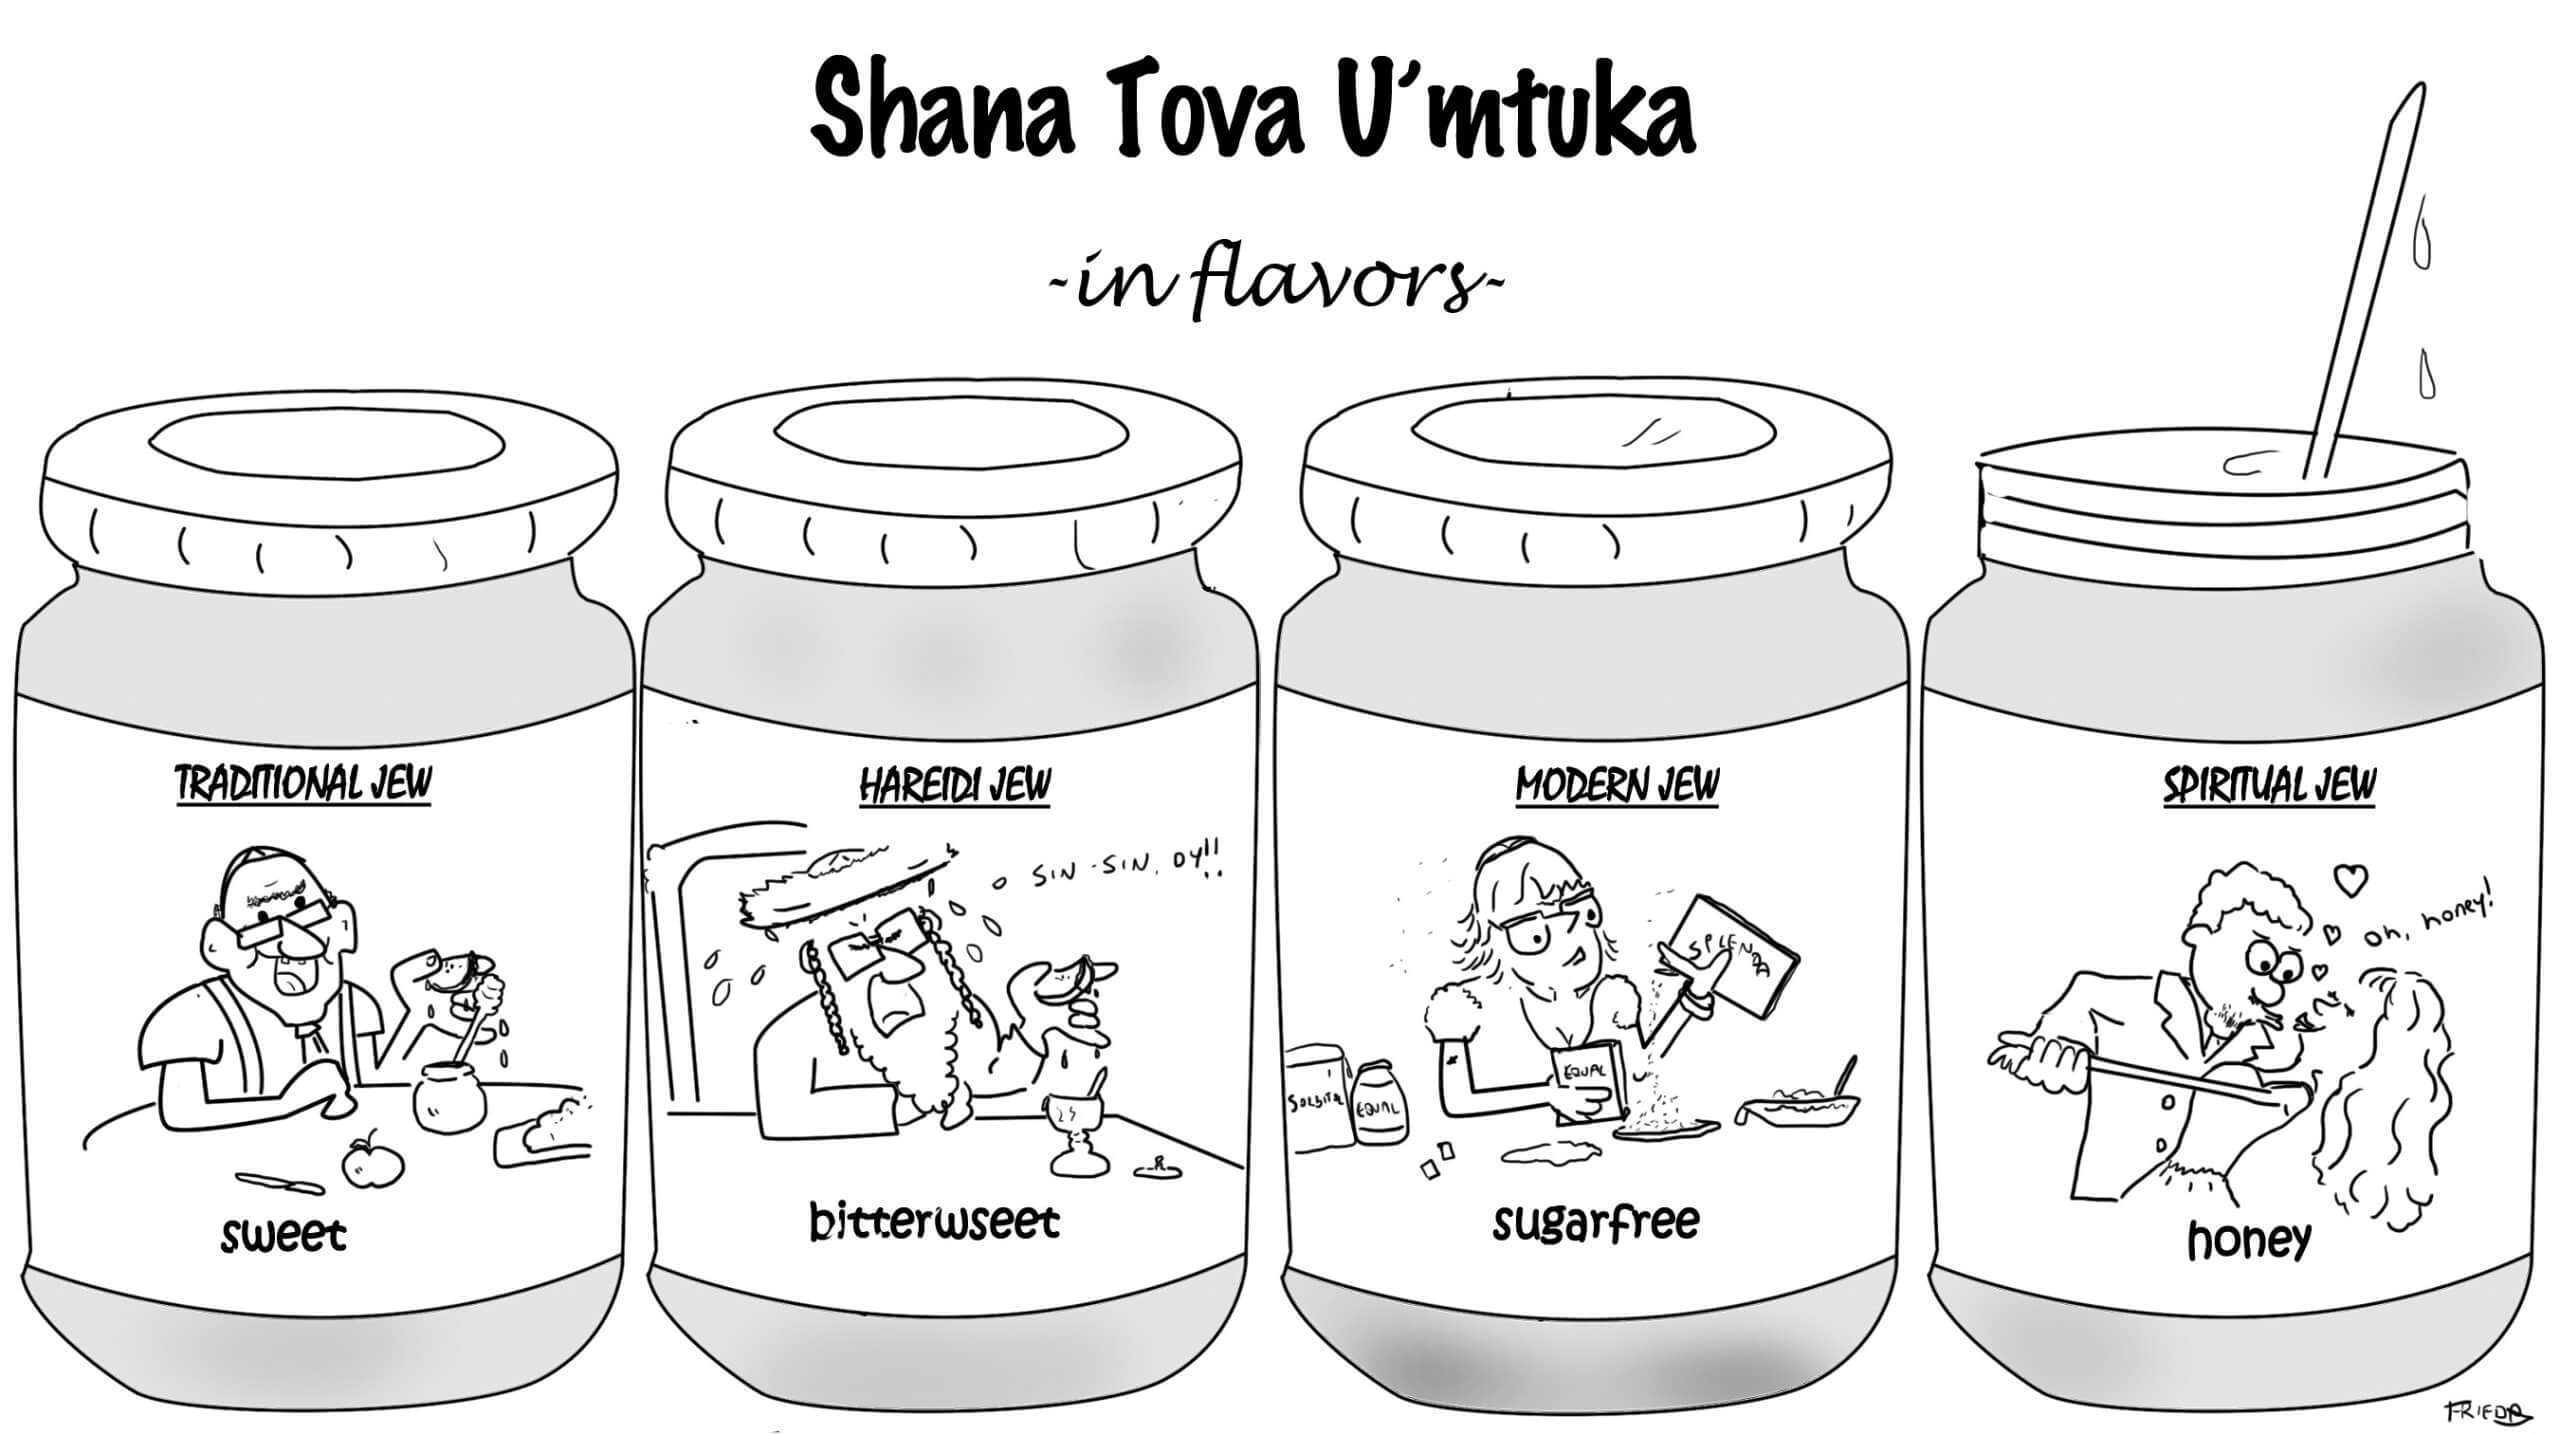 Shana Tova U'mtuka